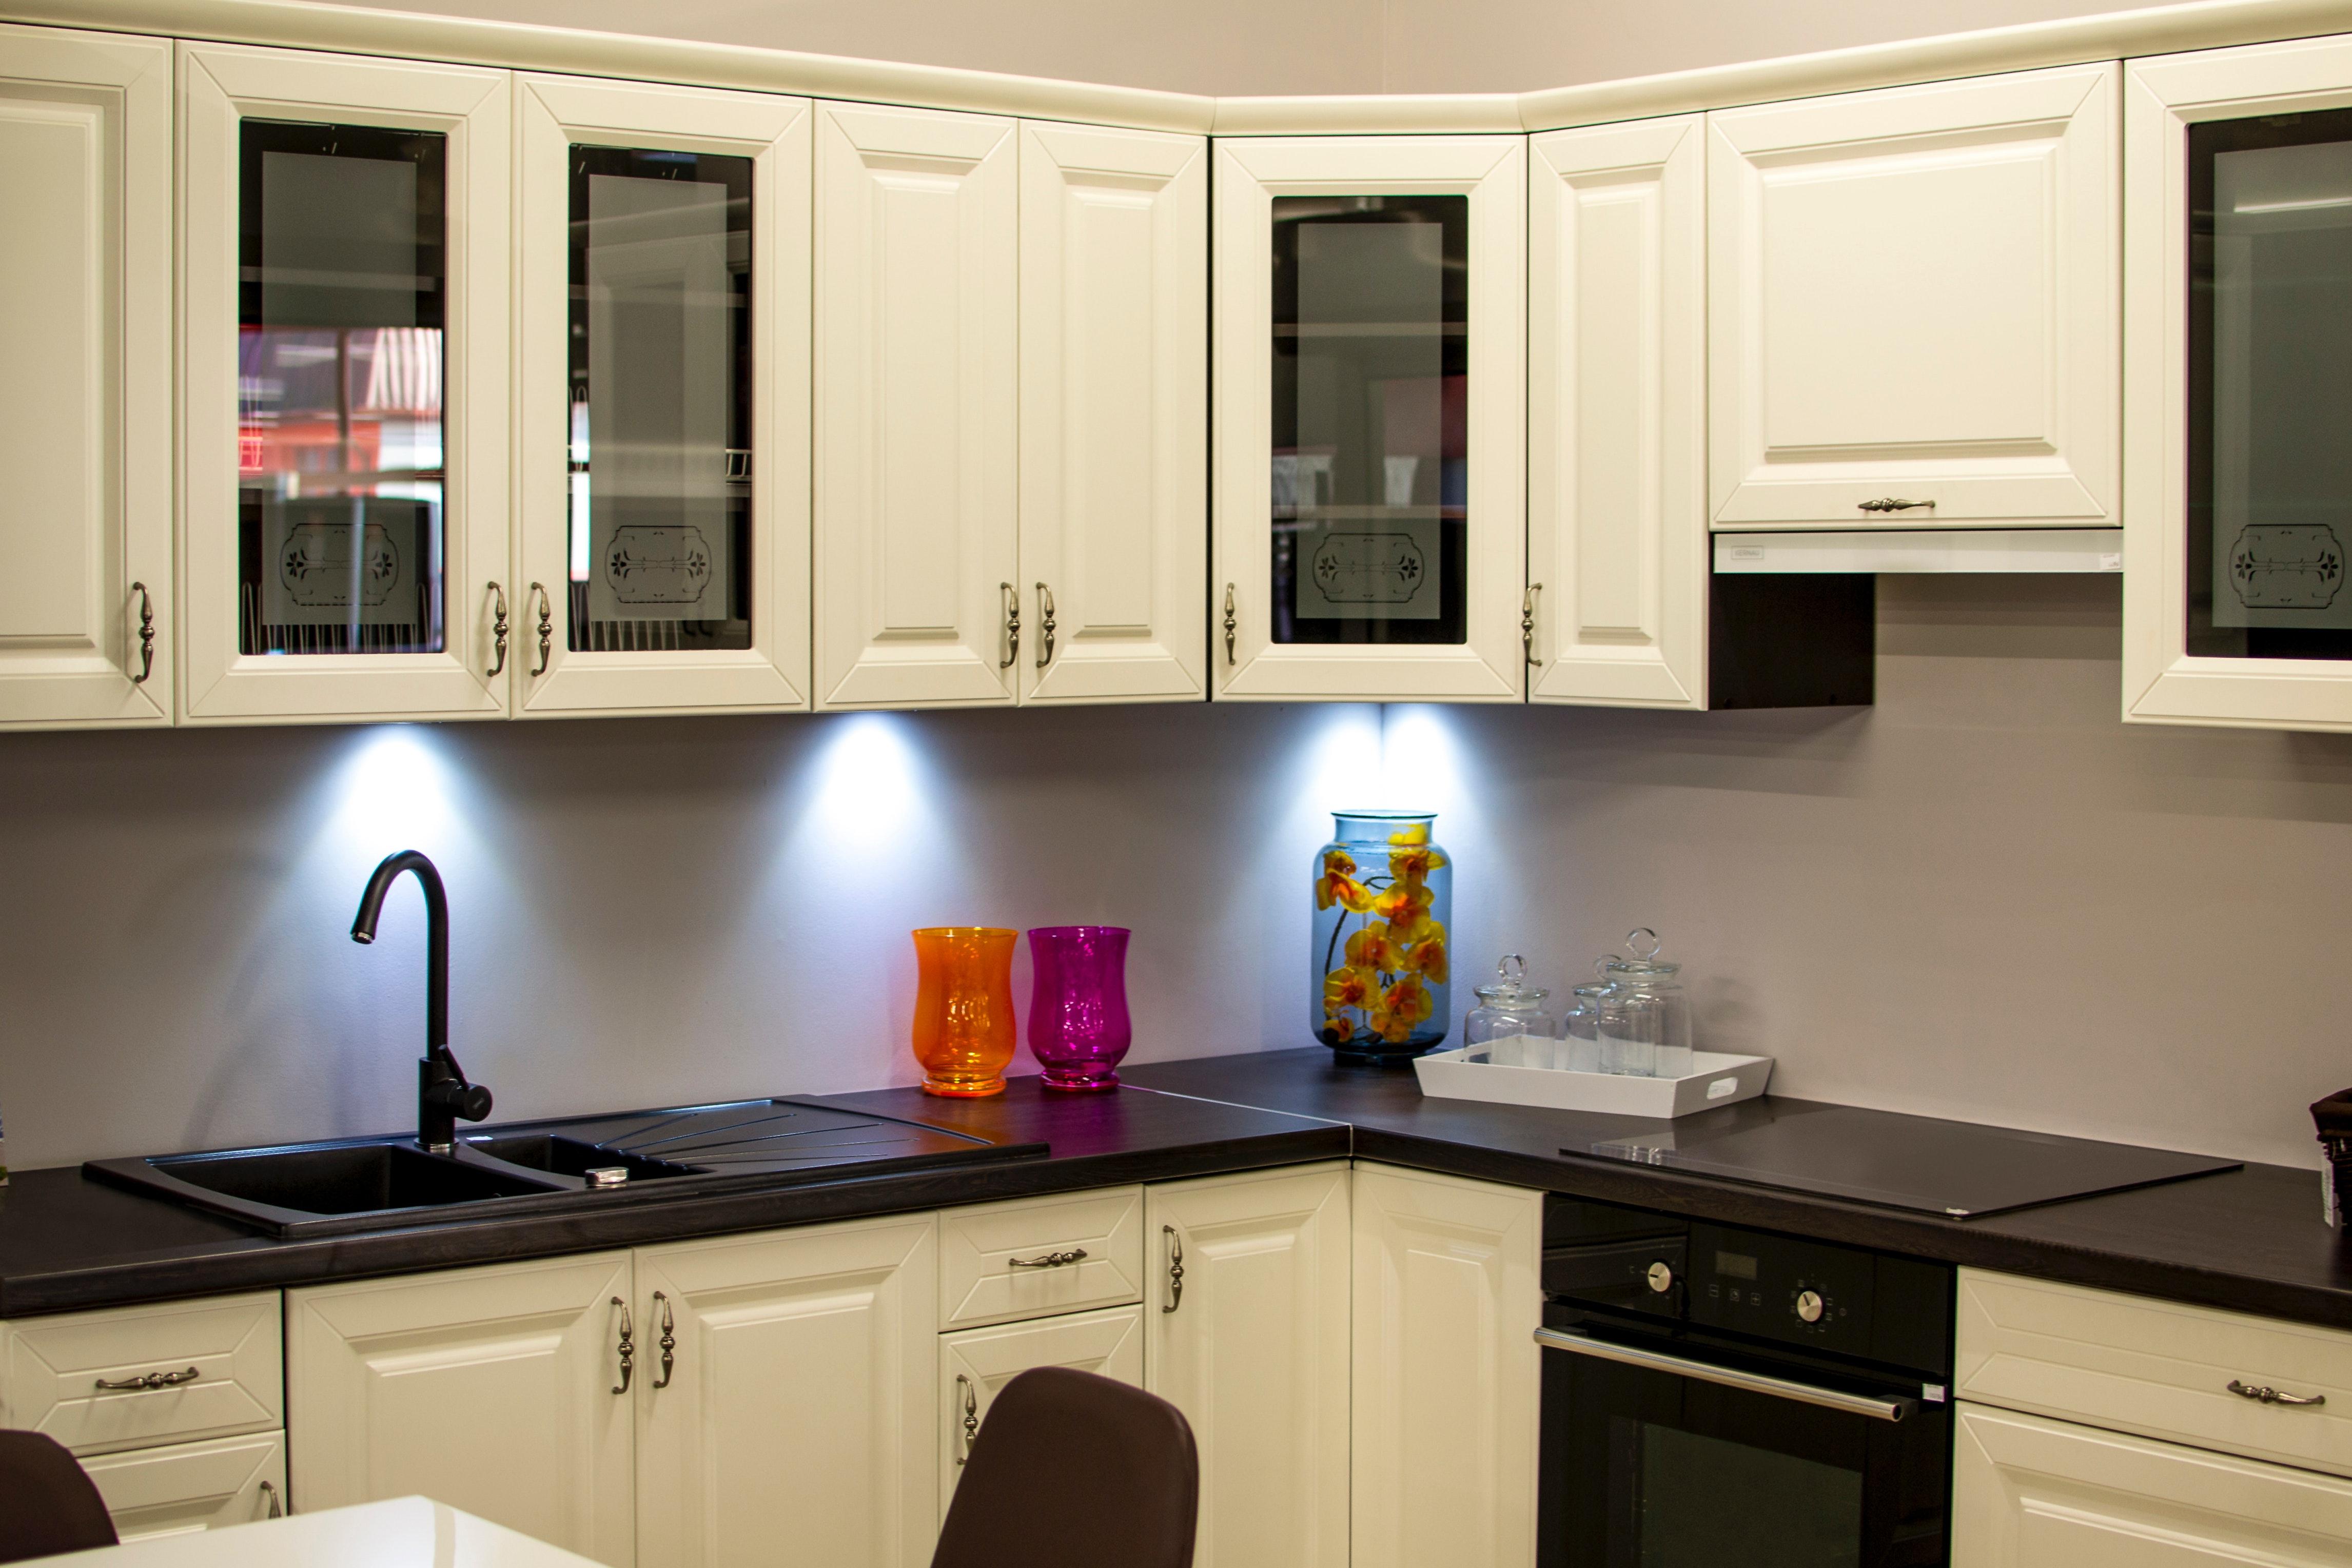 Кухненските шкафове - отвътре и отвън. Може да прегледате запасите си от сухи храни и подправки.